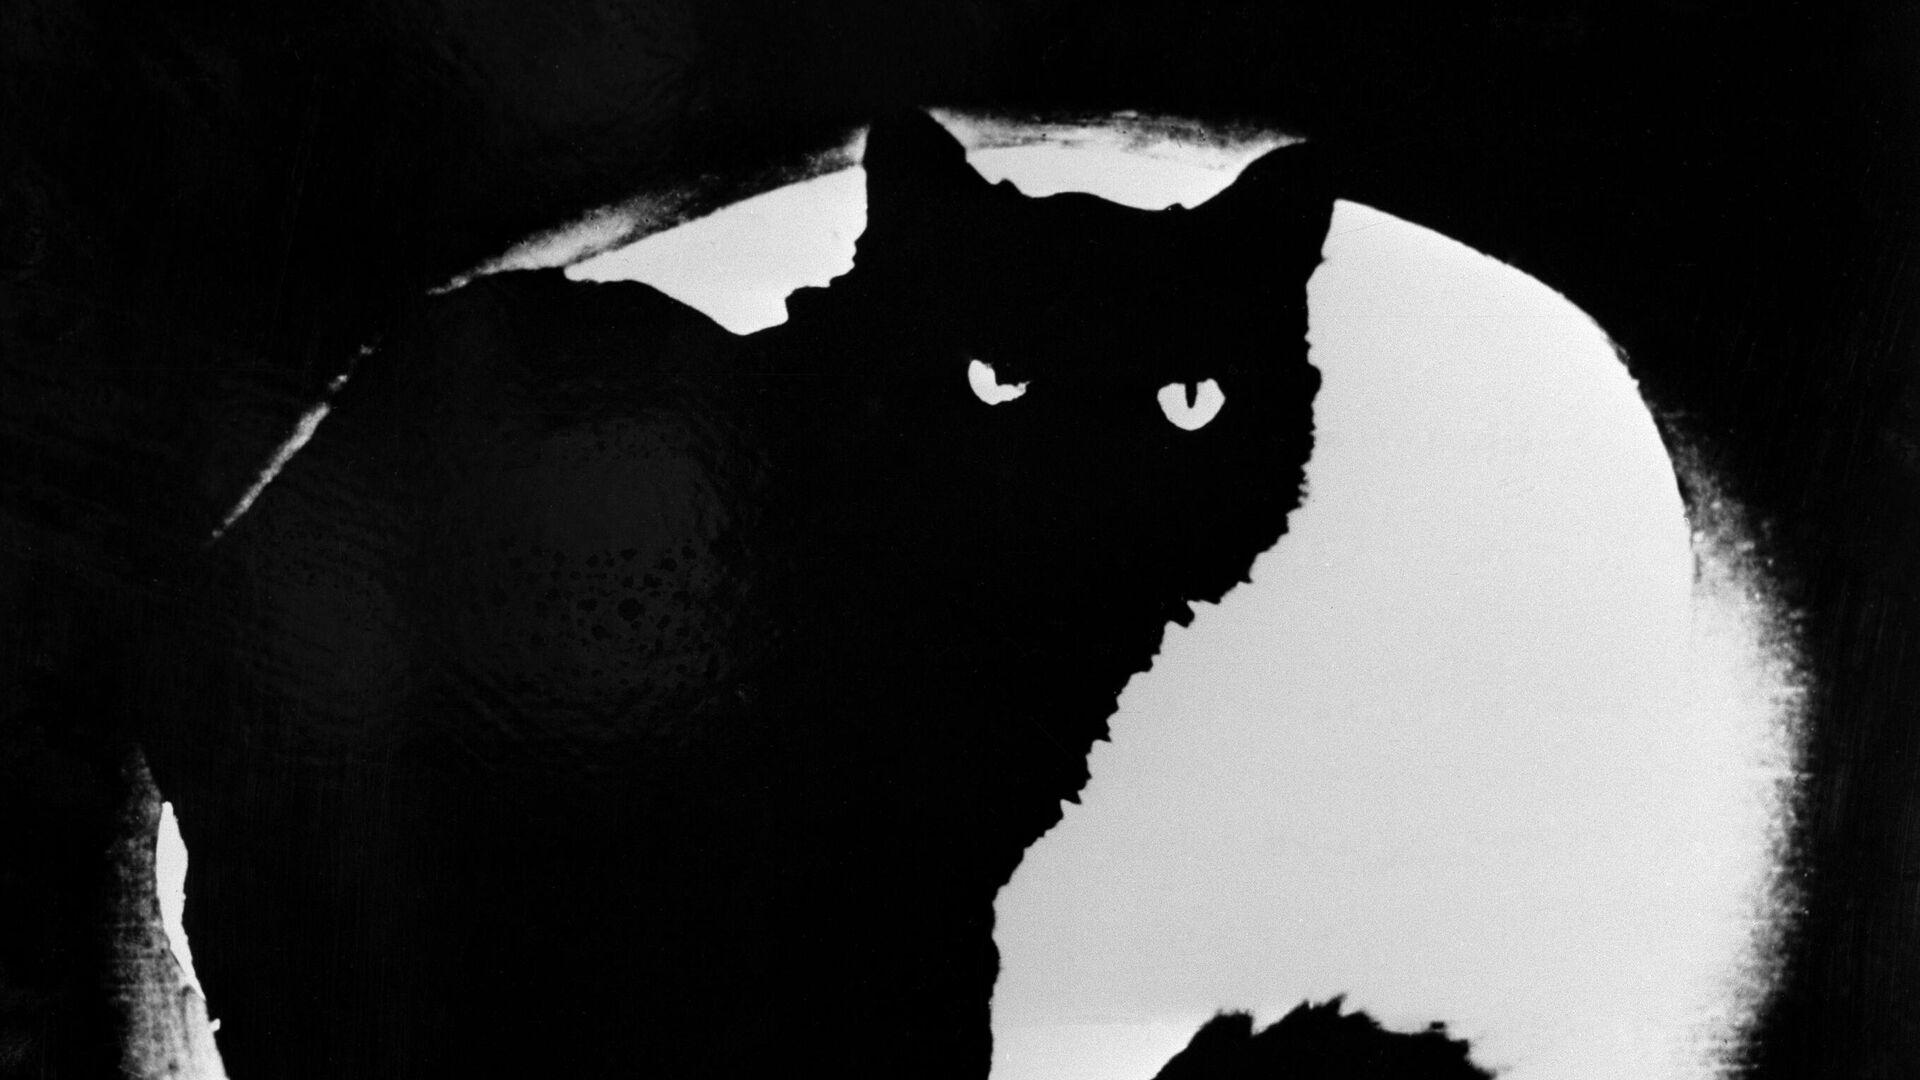 Репродукция фотографии Черный кот - РИА Новости, 1920, 11.04.2021